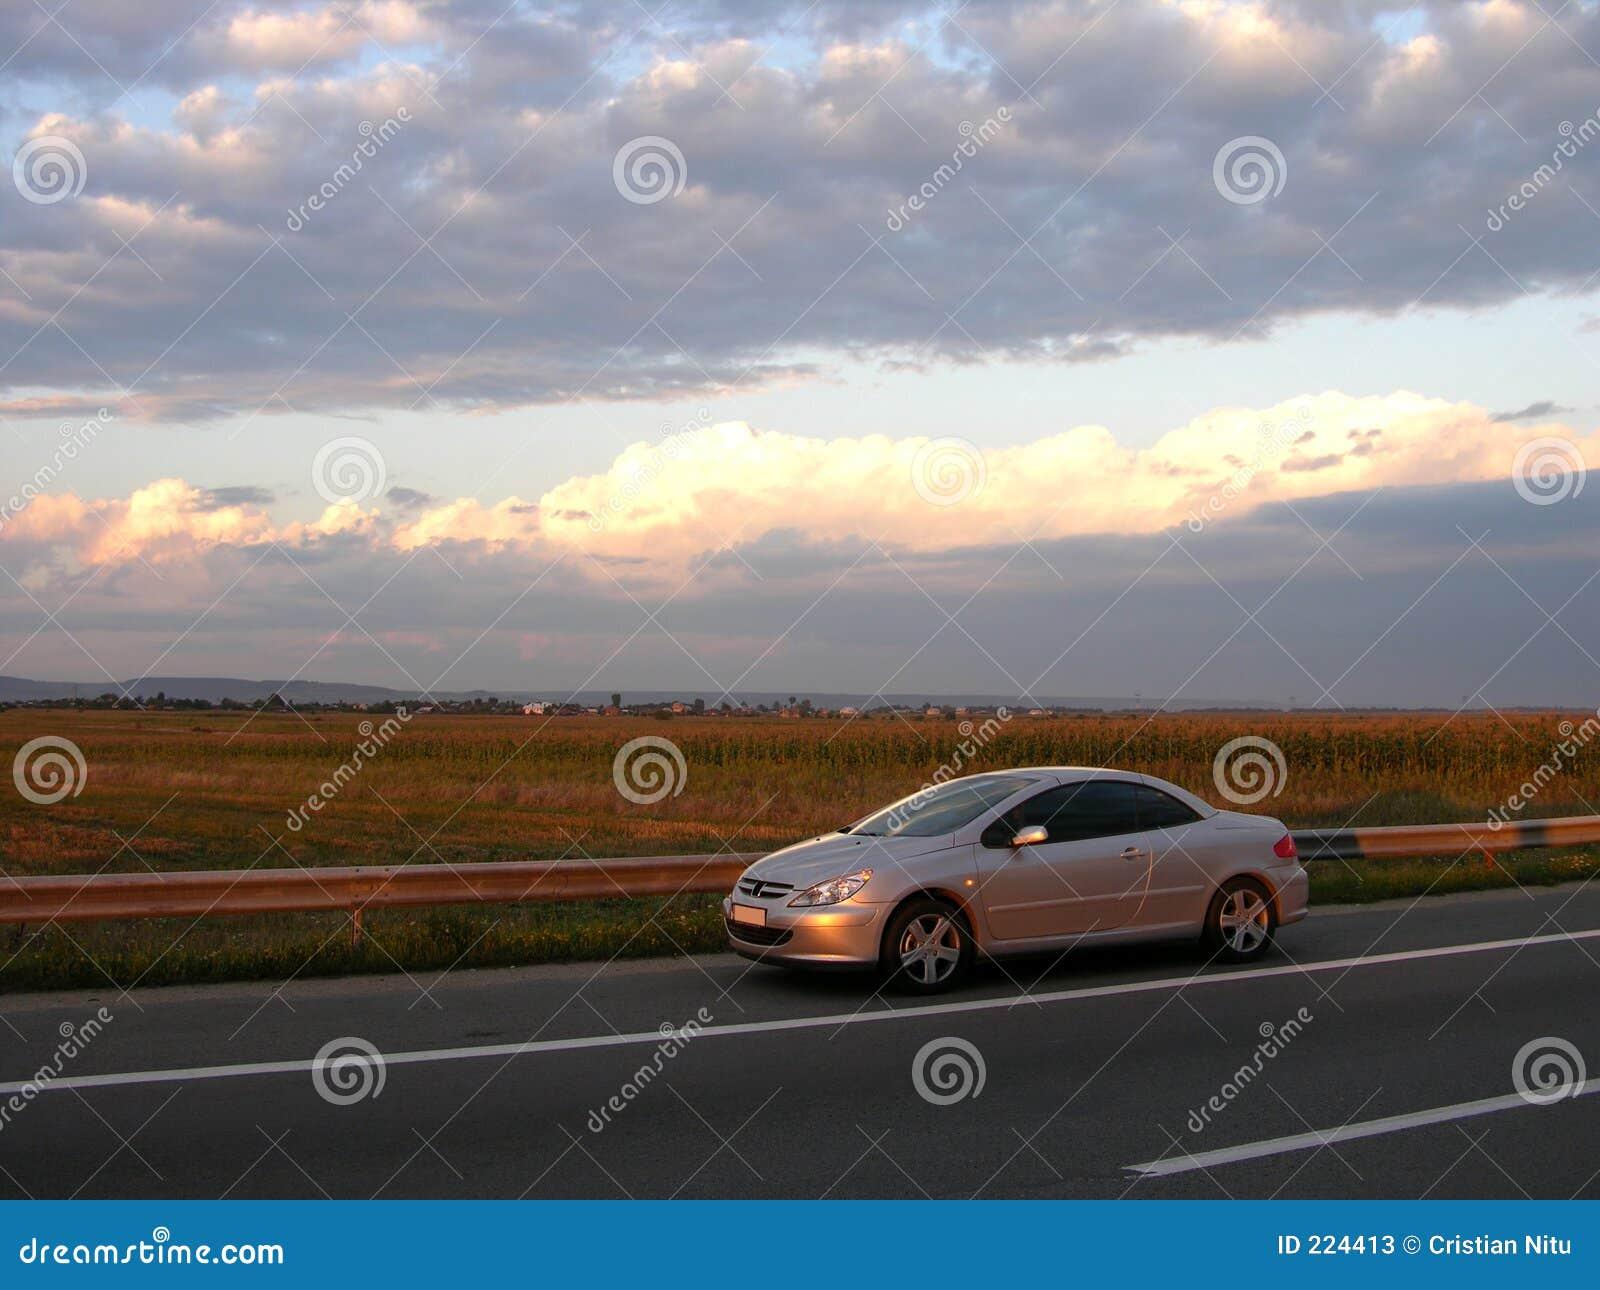 Cc 307 Peugeot